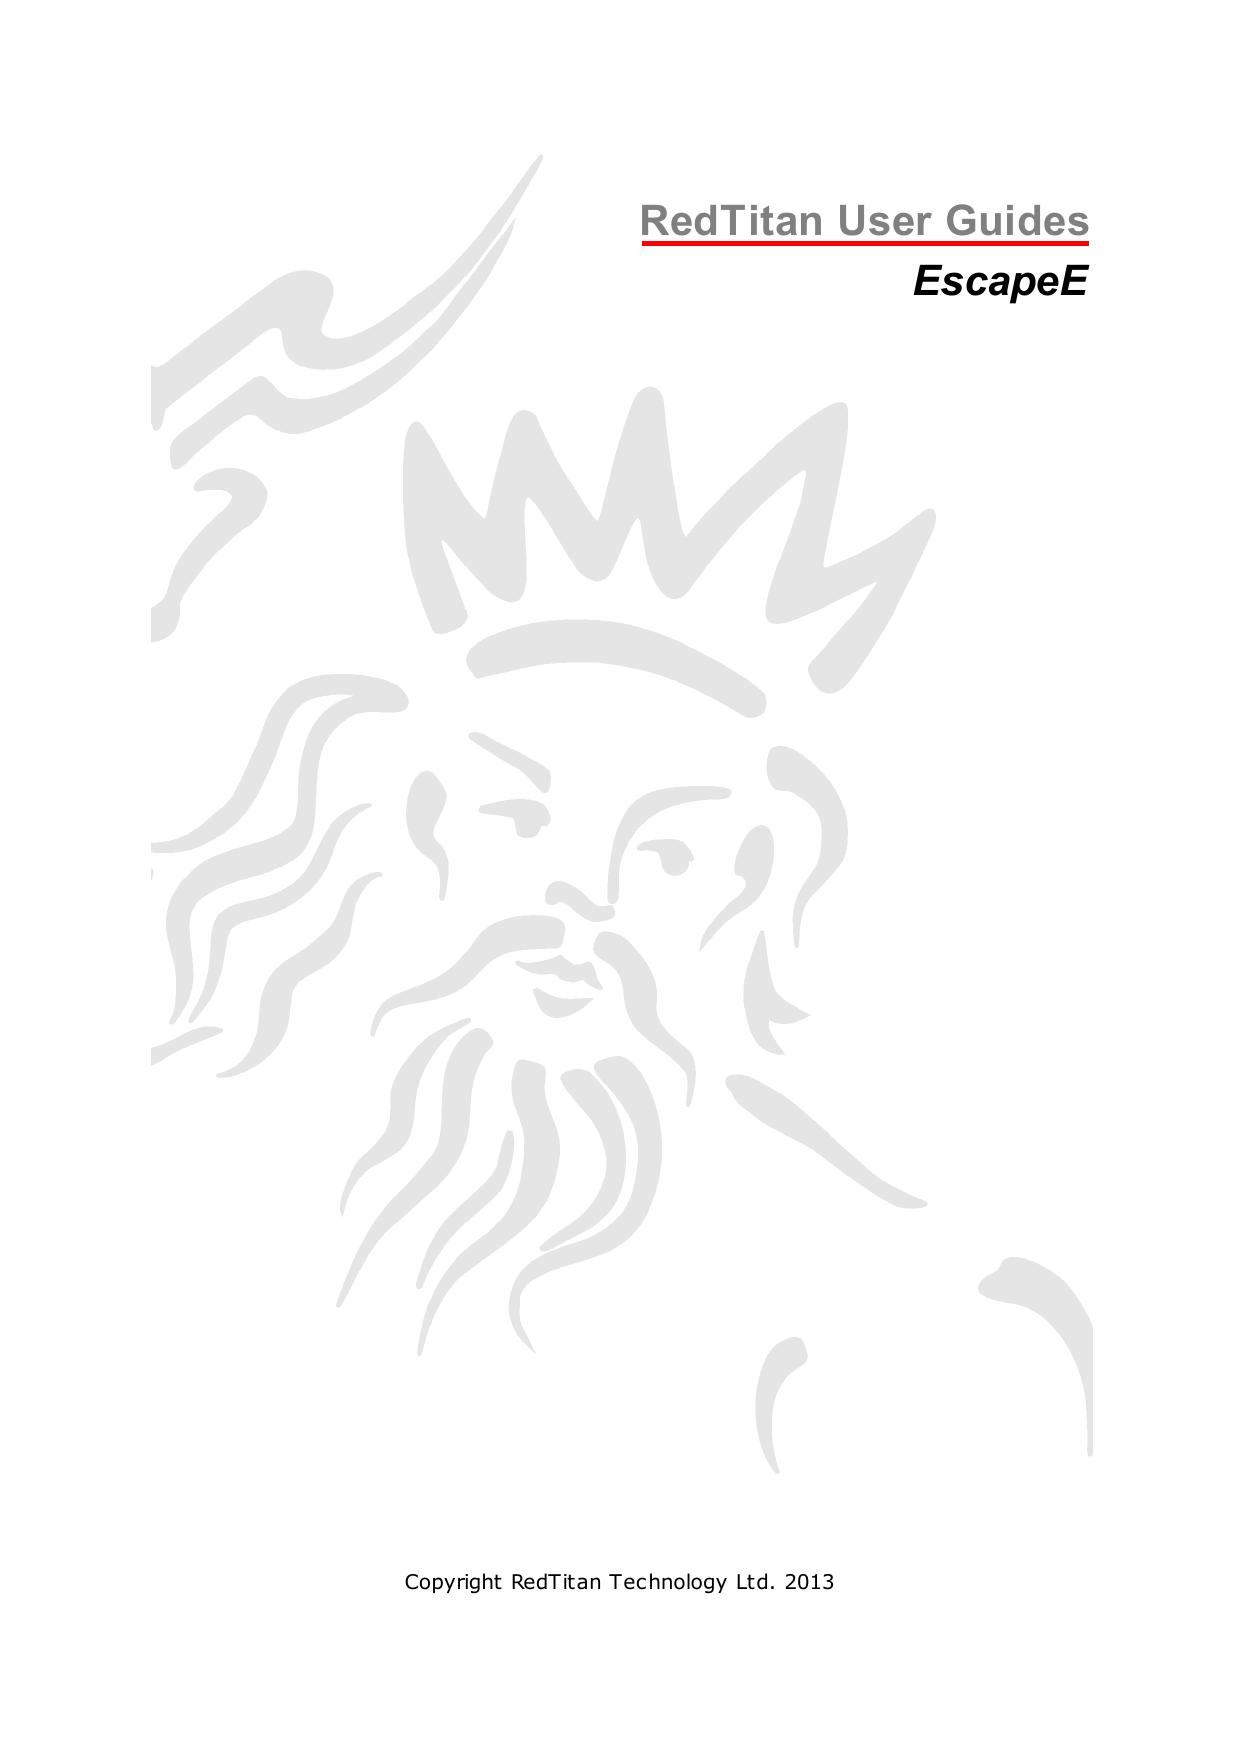 RedTitan User Guides EscapeE